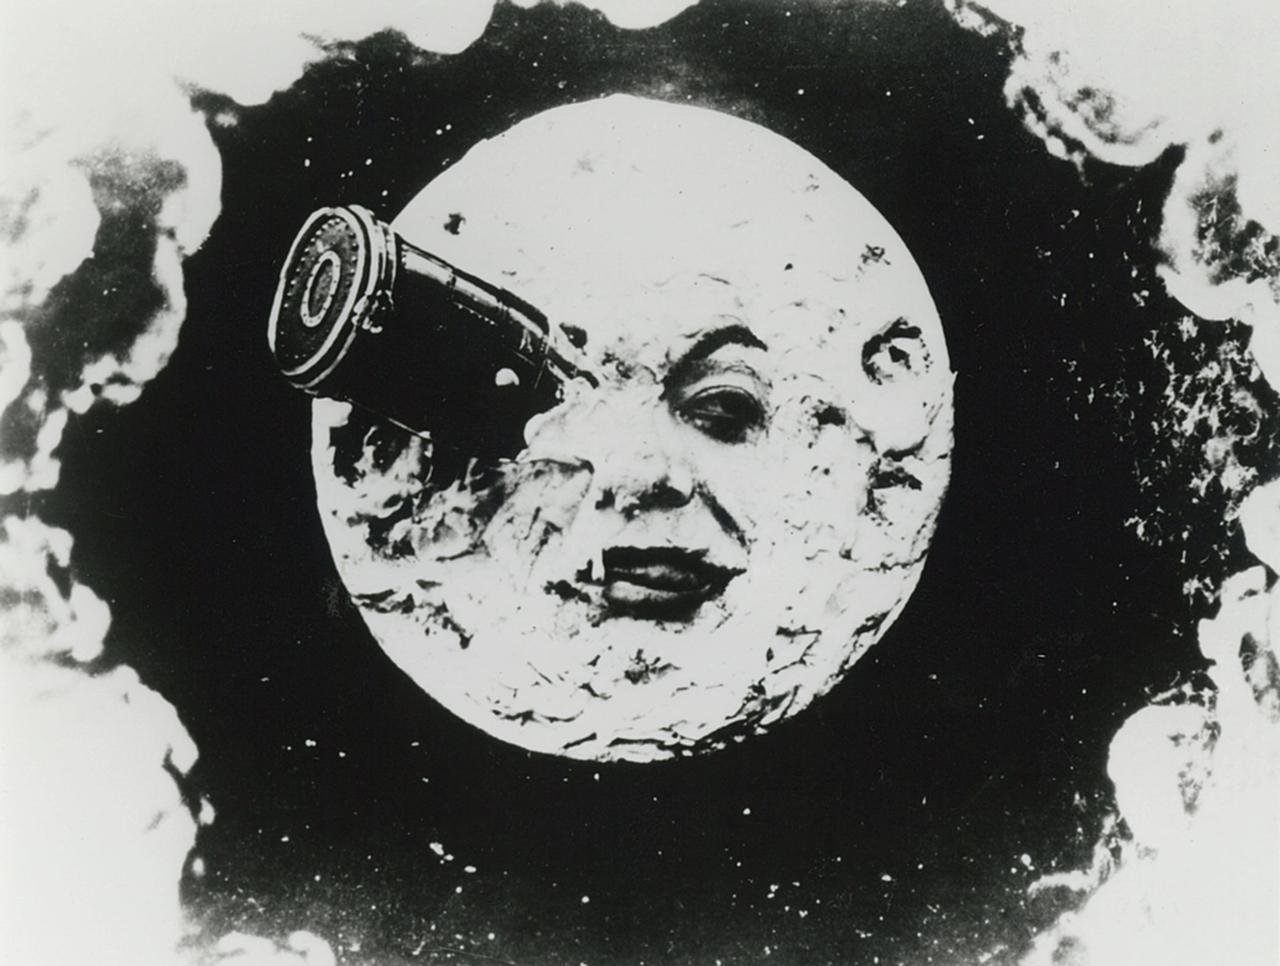 画像: ファースト・マンだけじゃない!月へ向かった映画12選 - SCREEN ONLINE(スクリーンオンライン)